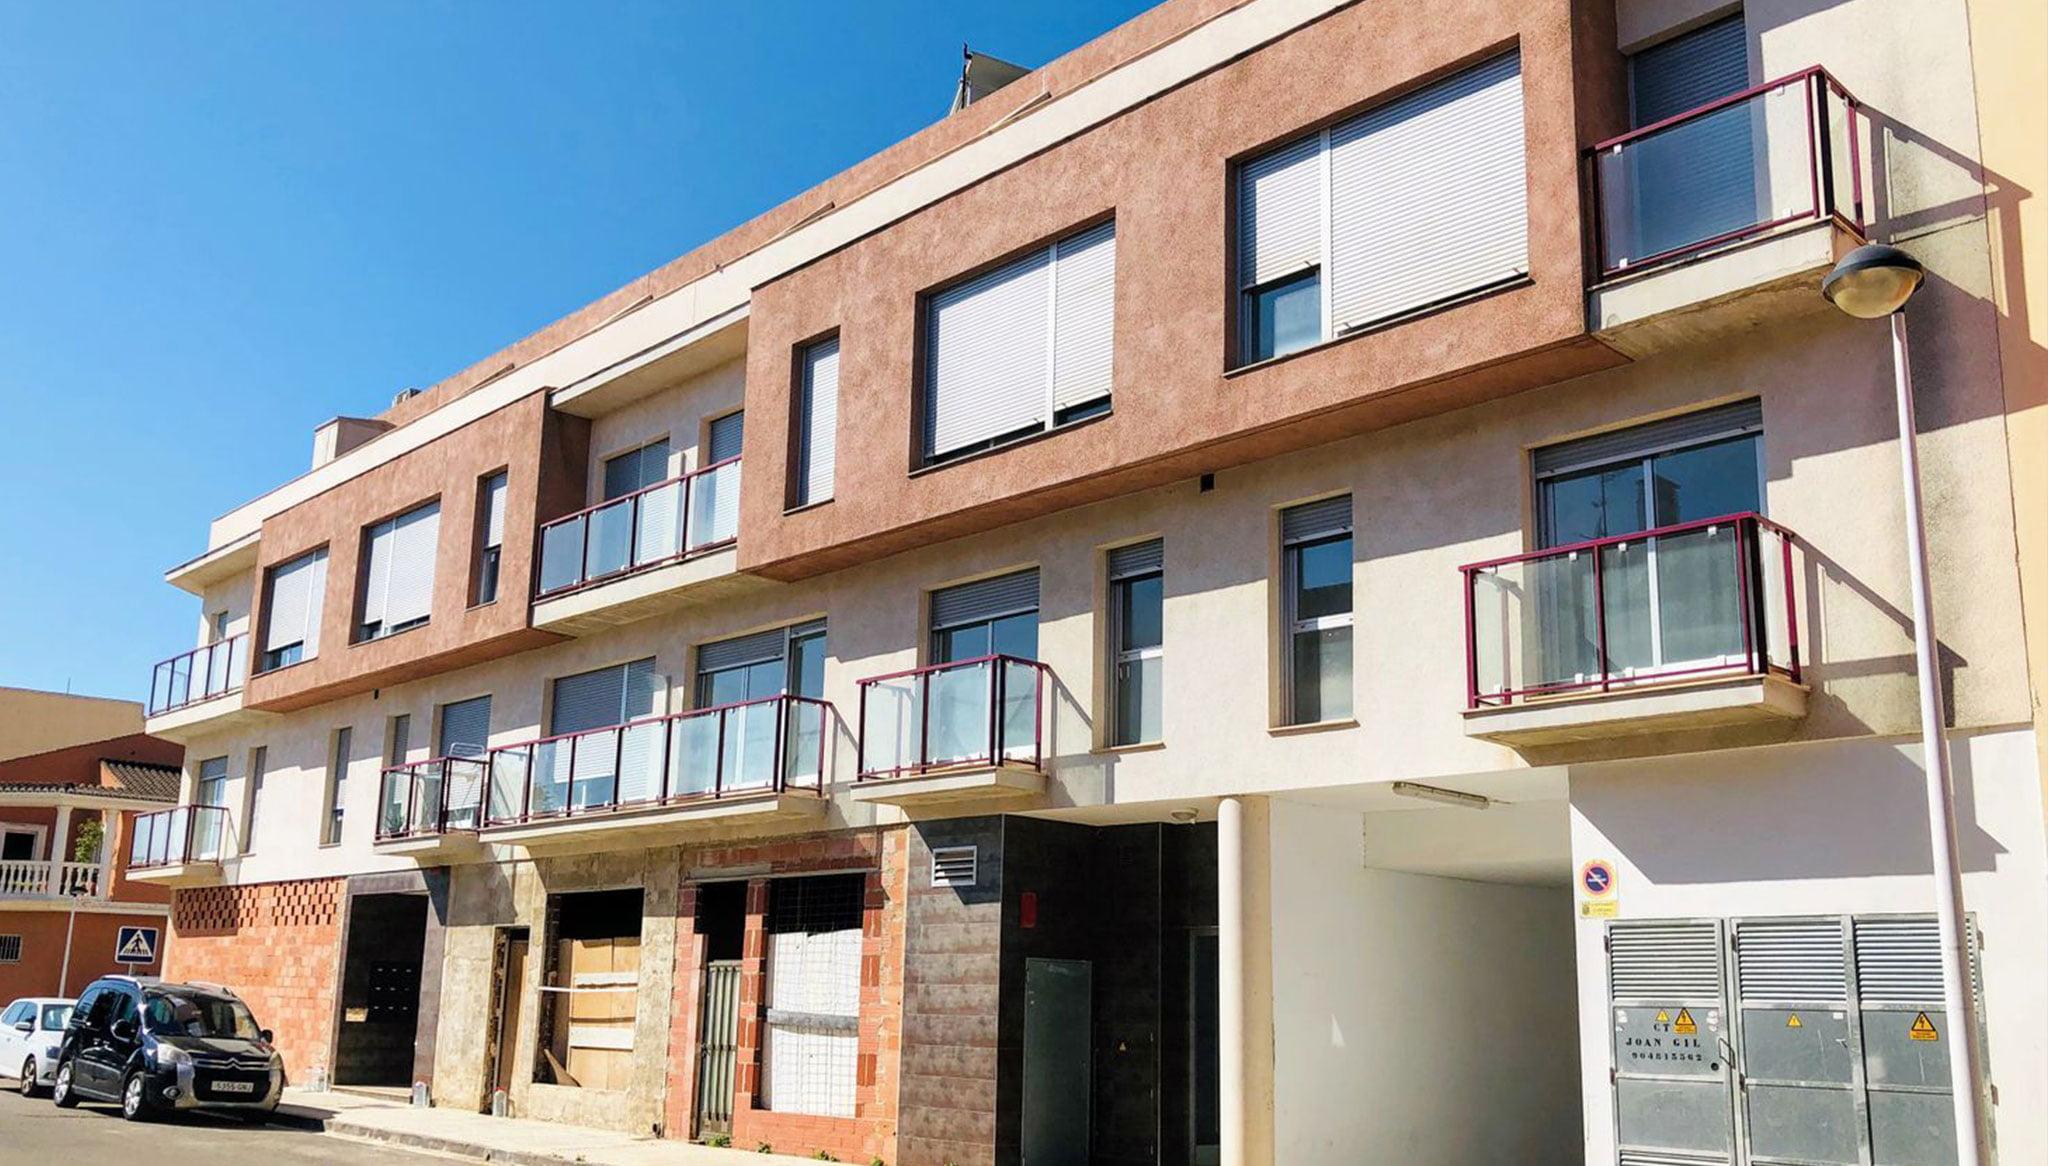 Façana de pis de venda a Ondara amb un dormitori - Mare Nostrum Immobiliària